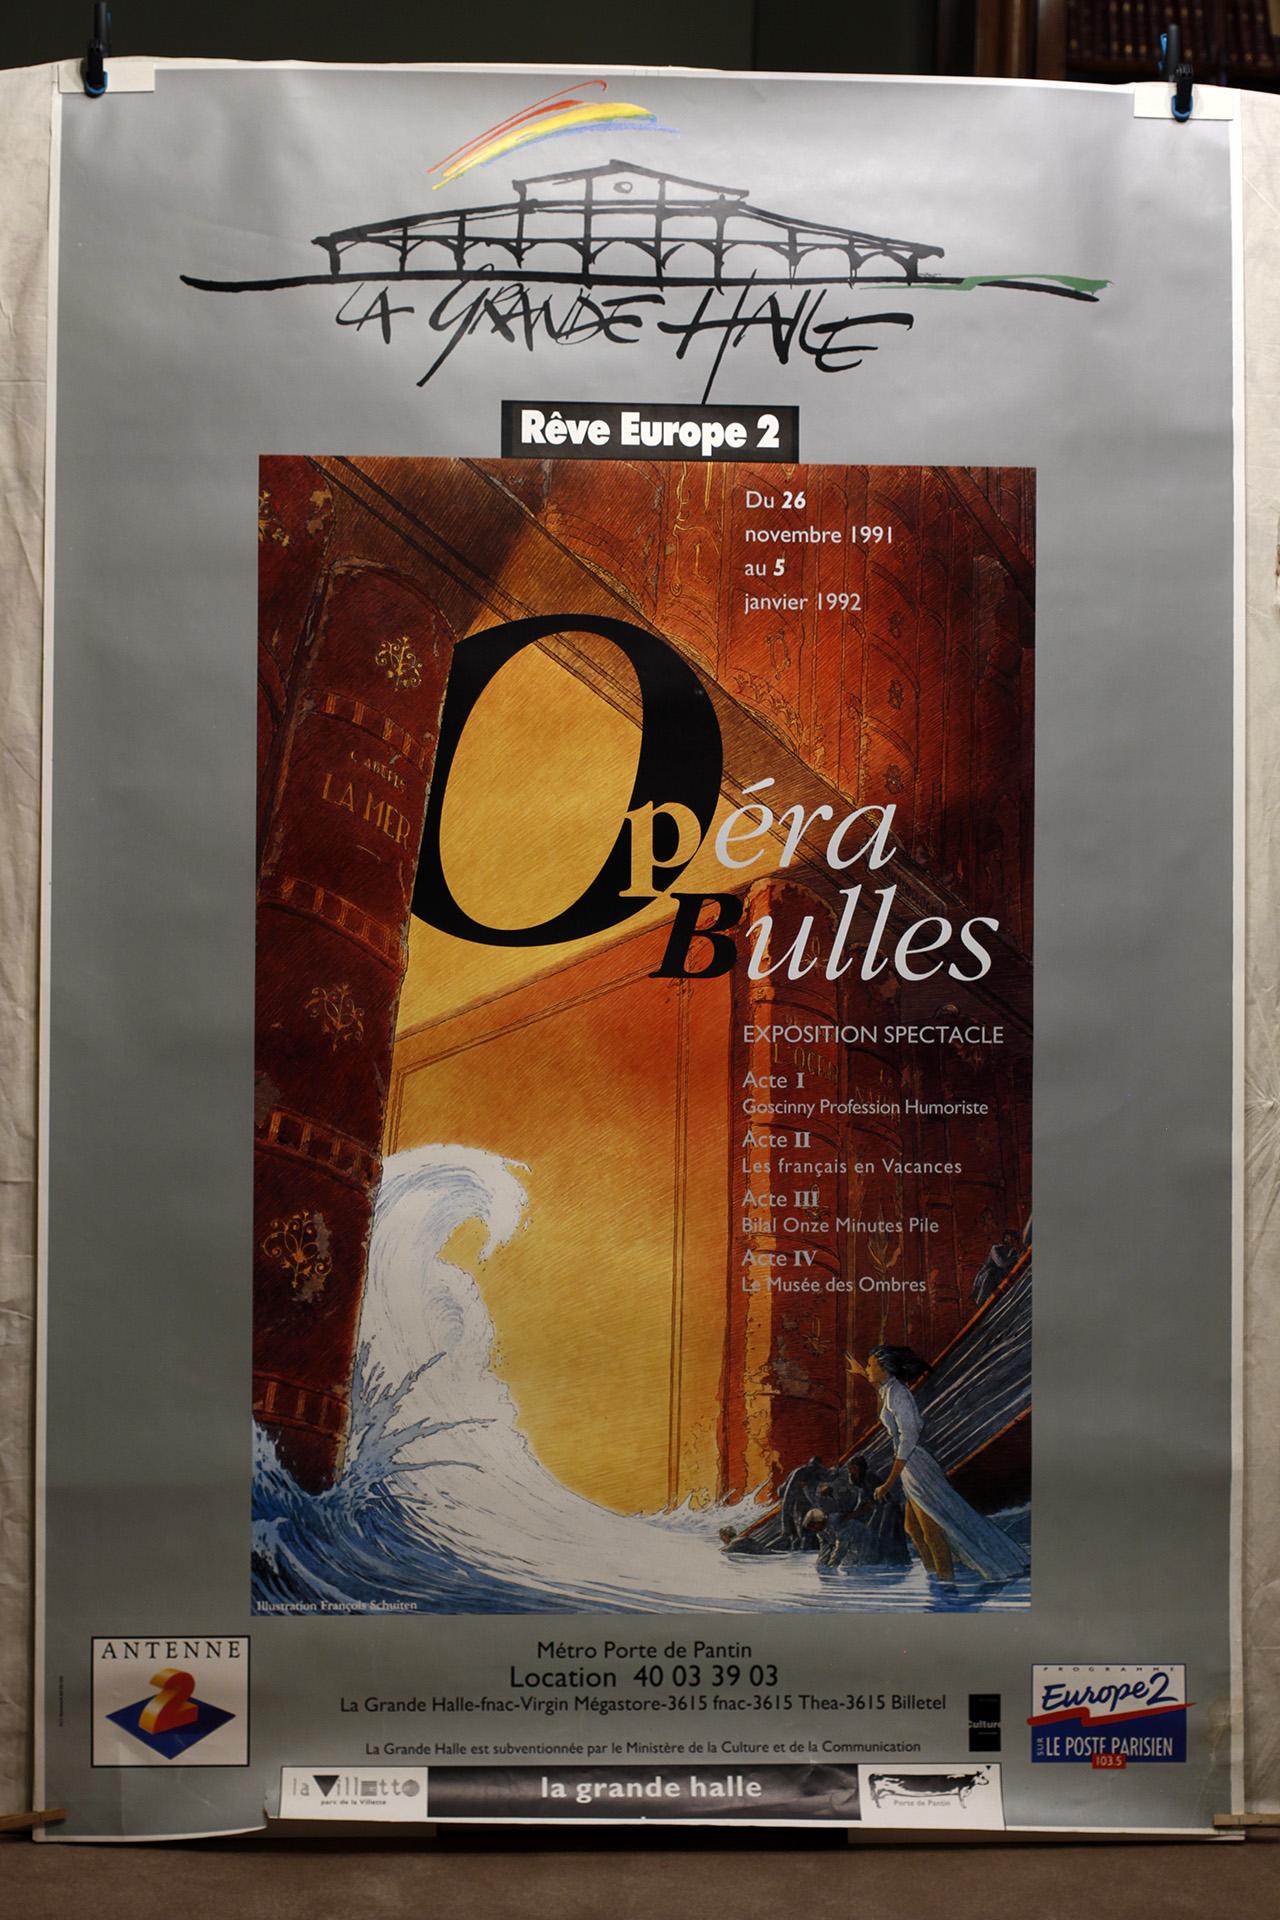 Opéra Bulles© François Schuiten, 1991